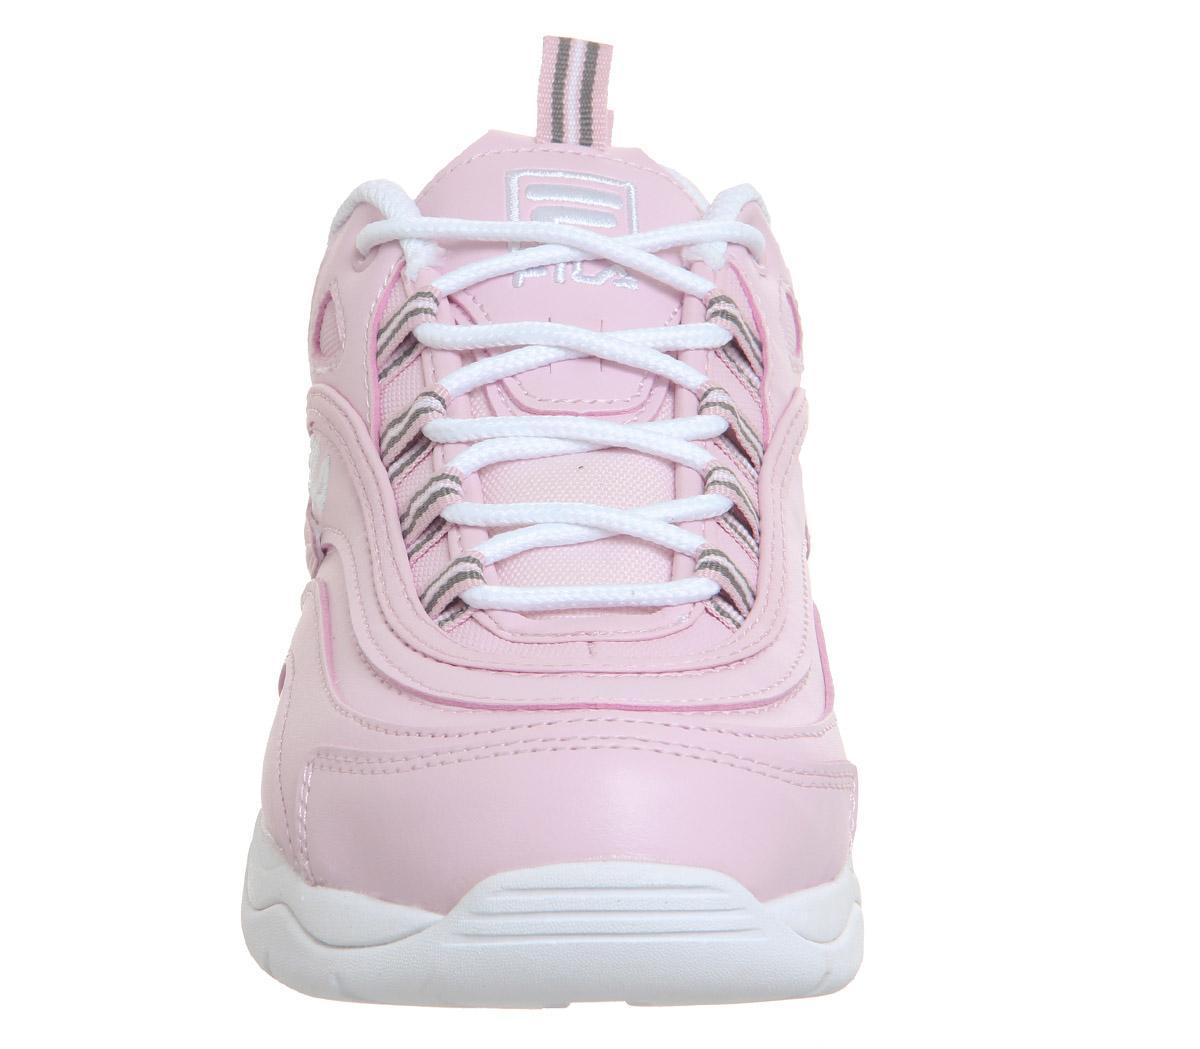 Fila Fila Ray Trainers Chalk Pink White Chalk Pink - Sneaker damen